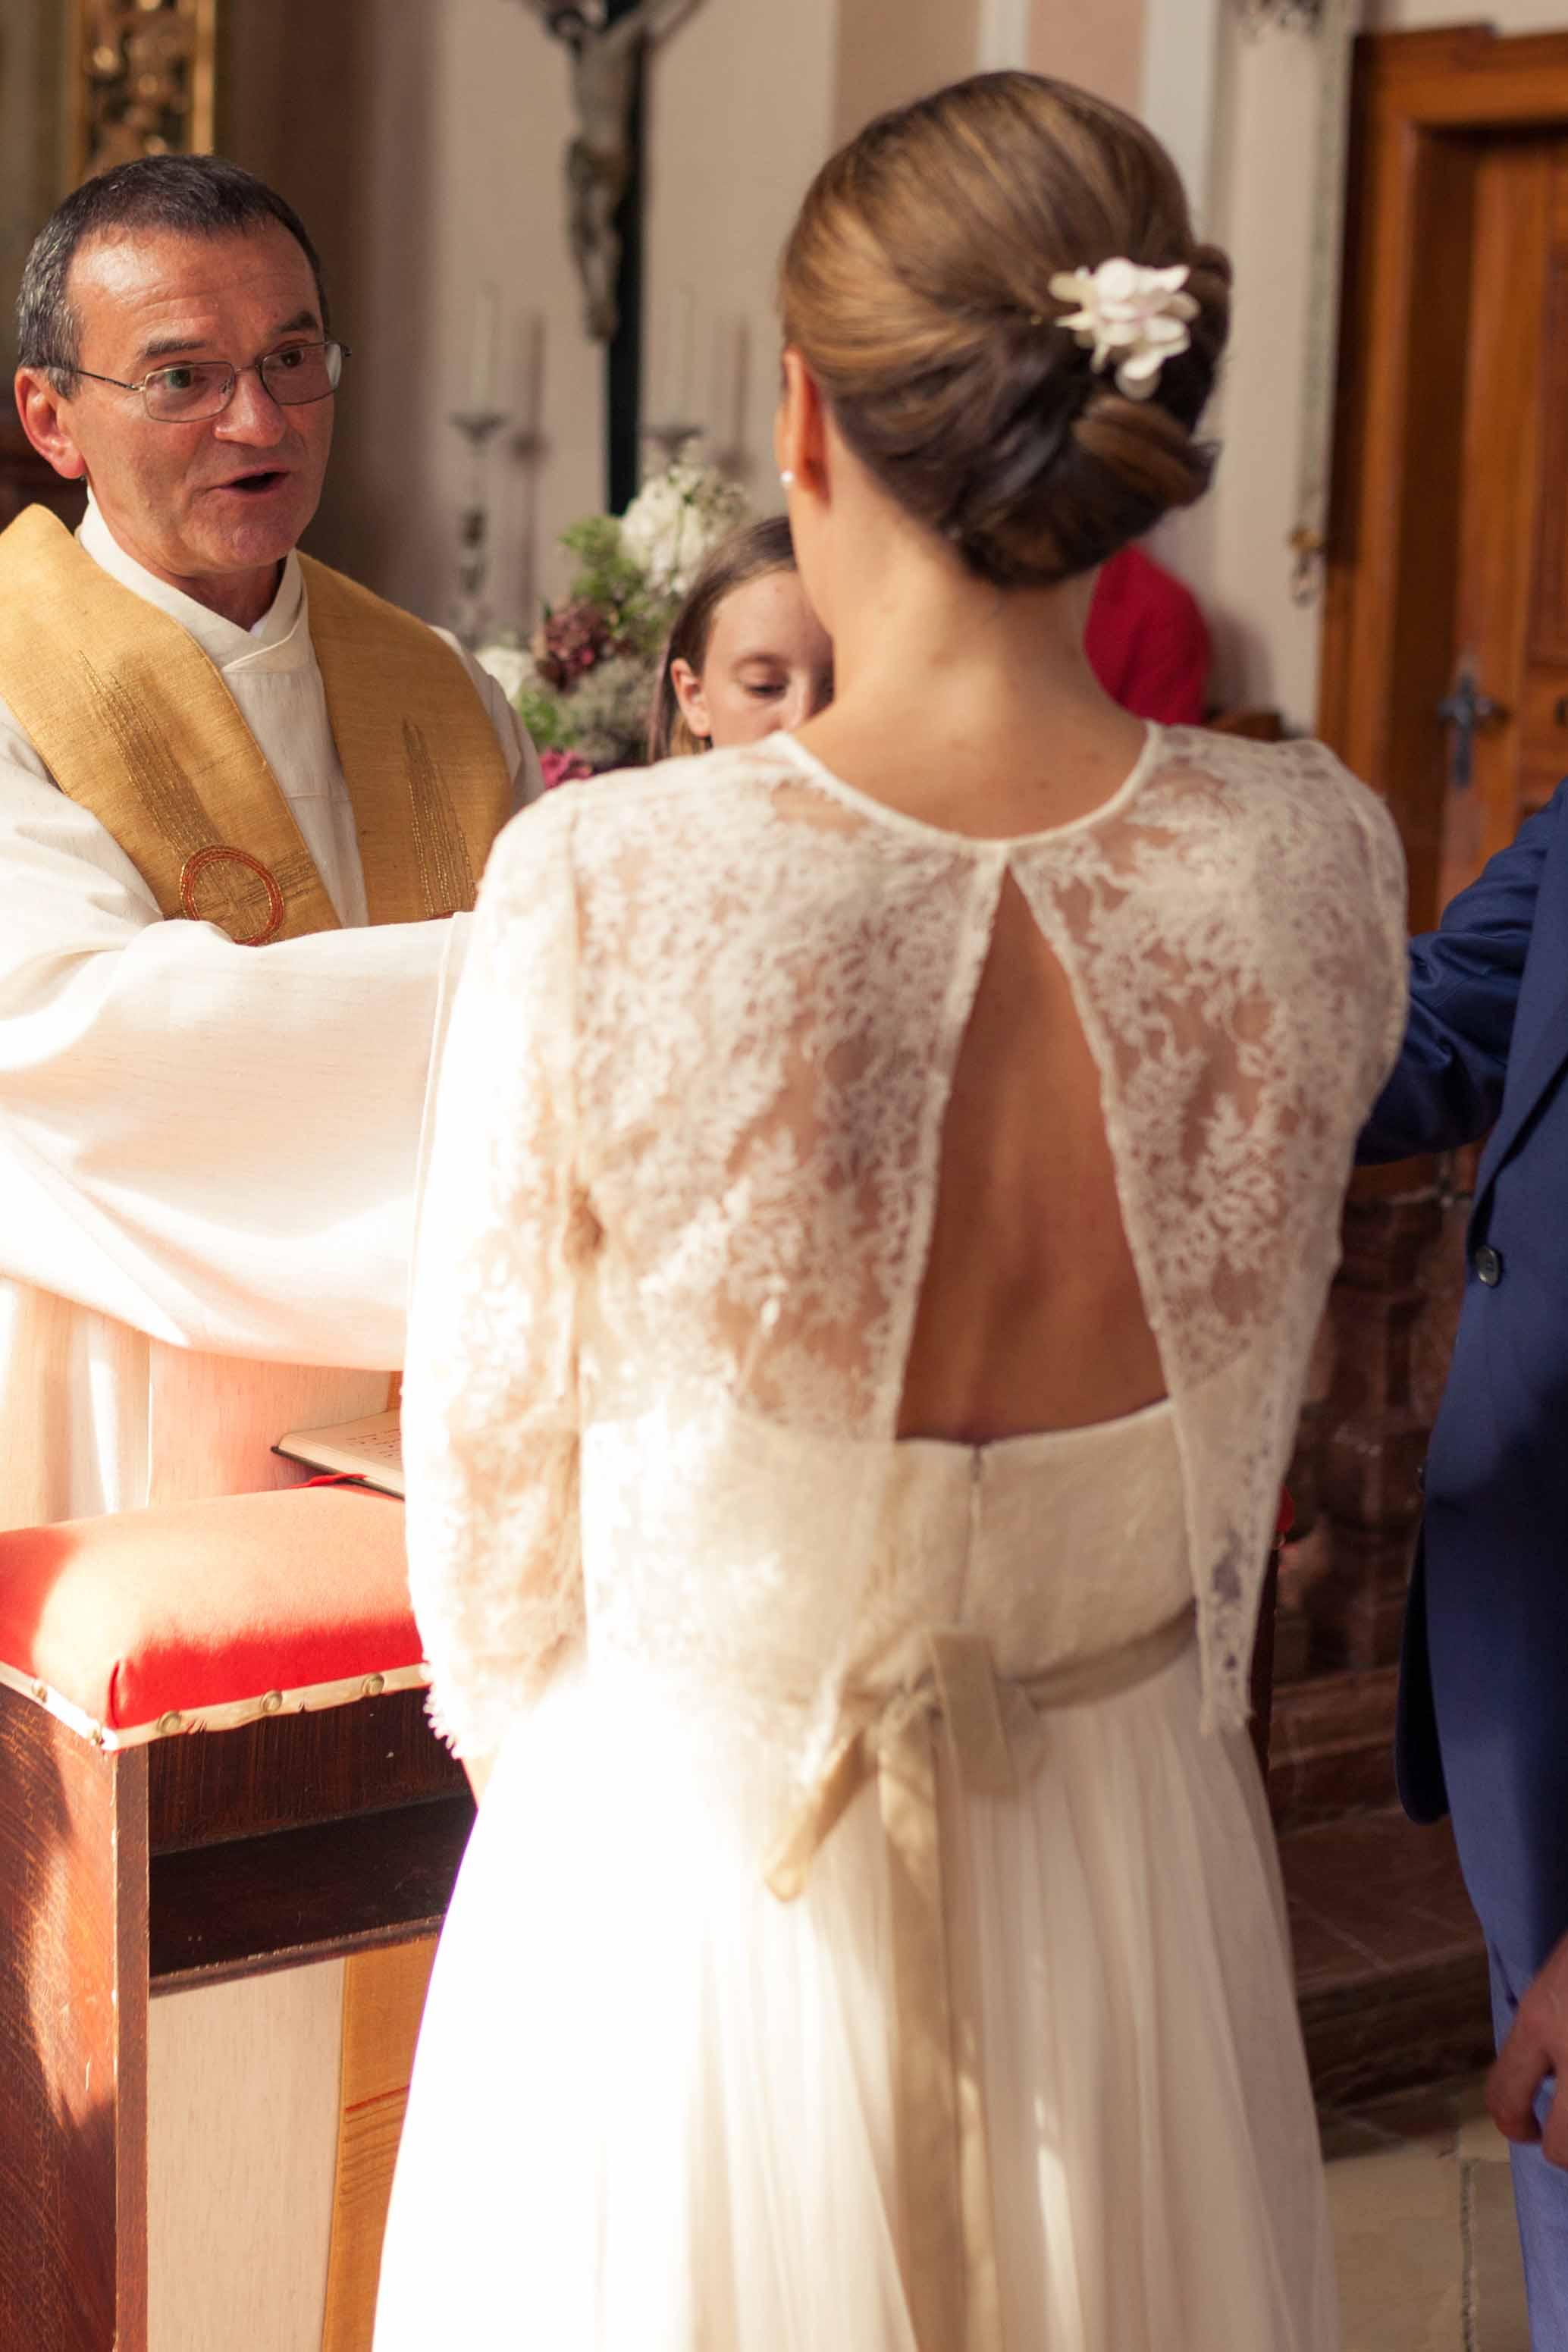 Nett Verkaufen Sie Ihr Hochzeitskleid Zeitgenössisch - Brautkleider ...